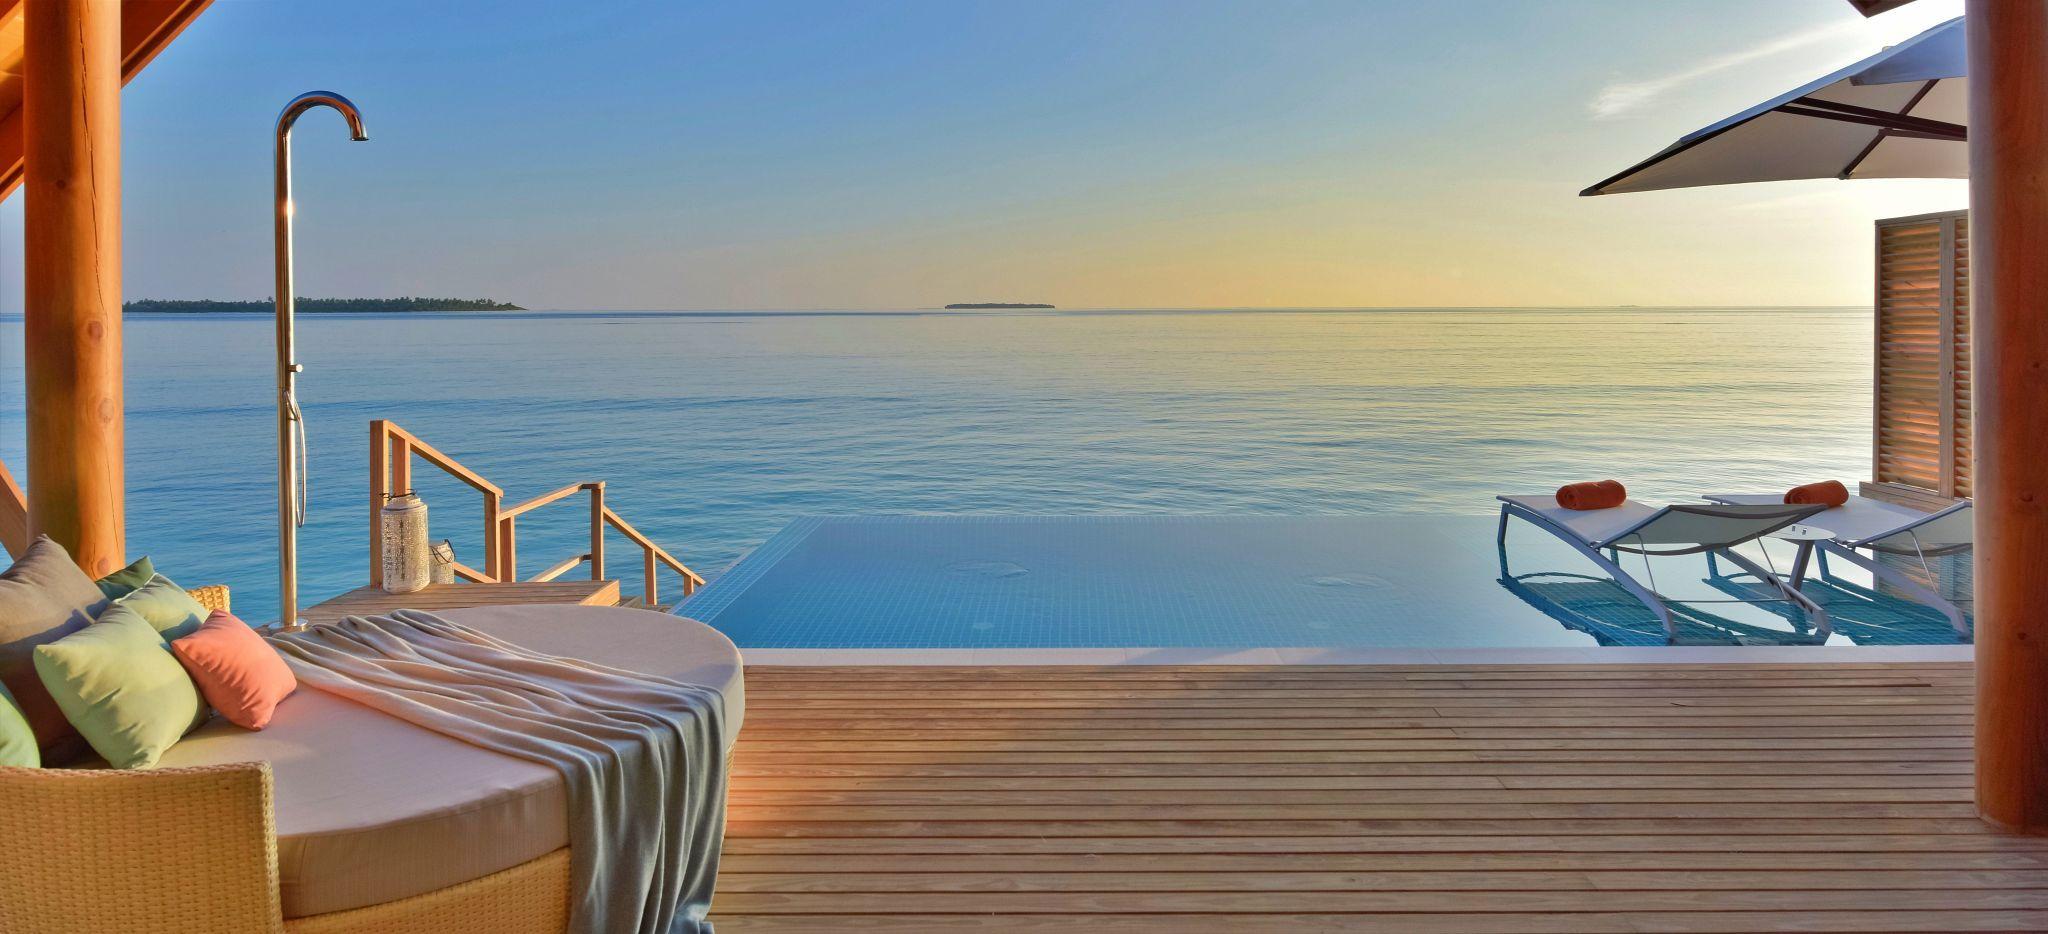 Terrasse eines Overwater-Bungalow im Hotel Faarufushi Maldives, auf den Malediven. Privater Pool mit Sonnestühlen, Holzterrasse und das Meer mit Sonnenuntergang